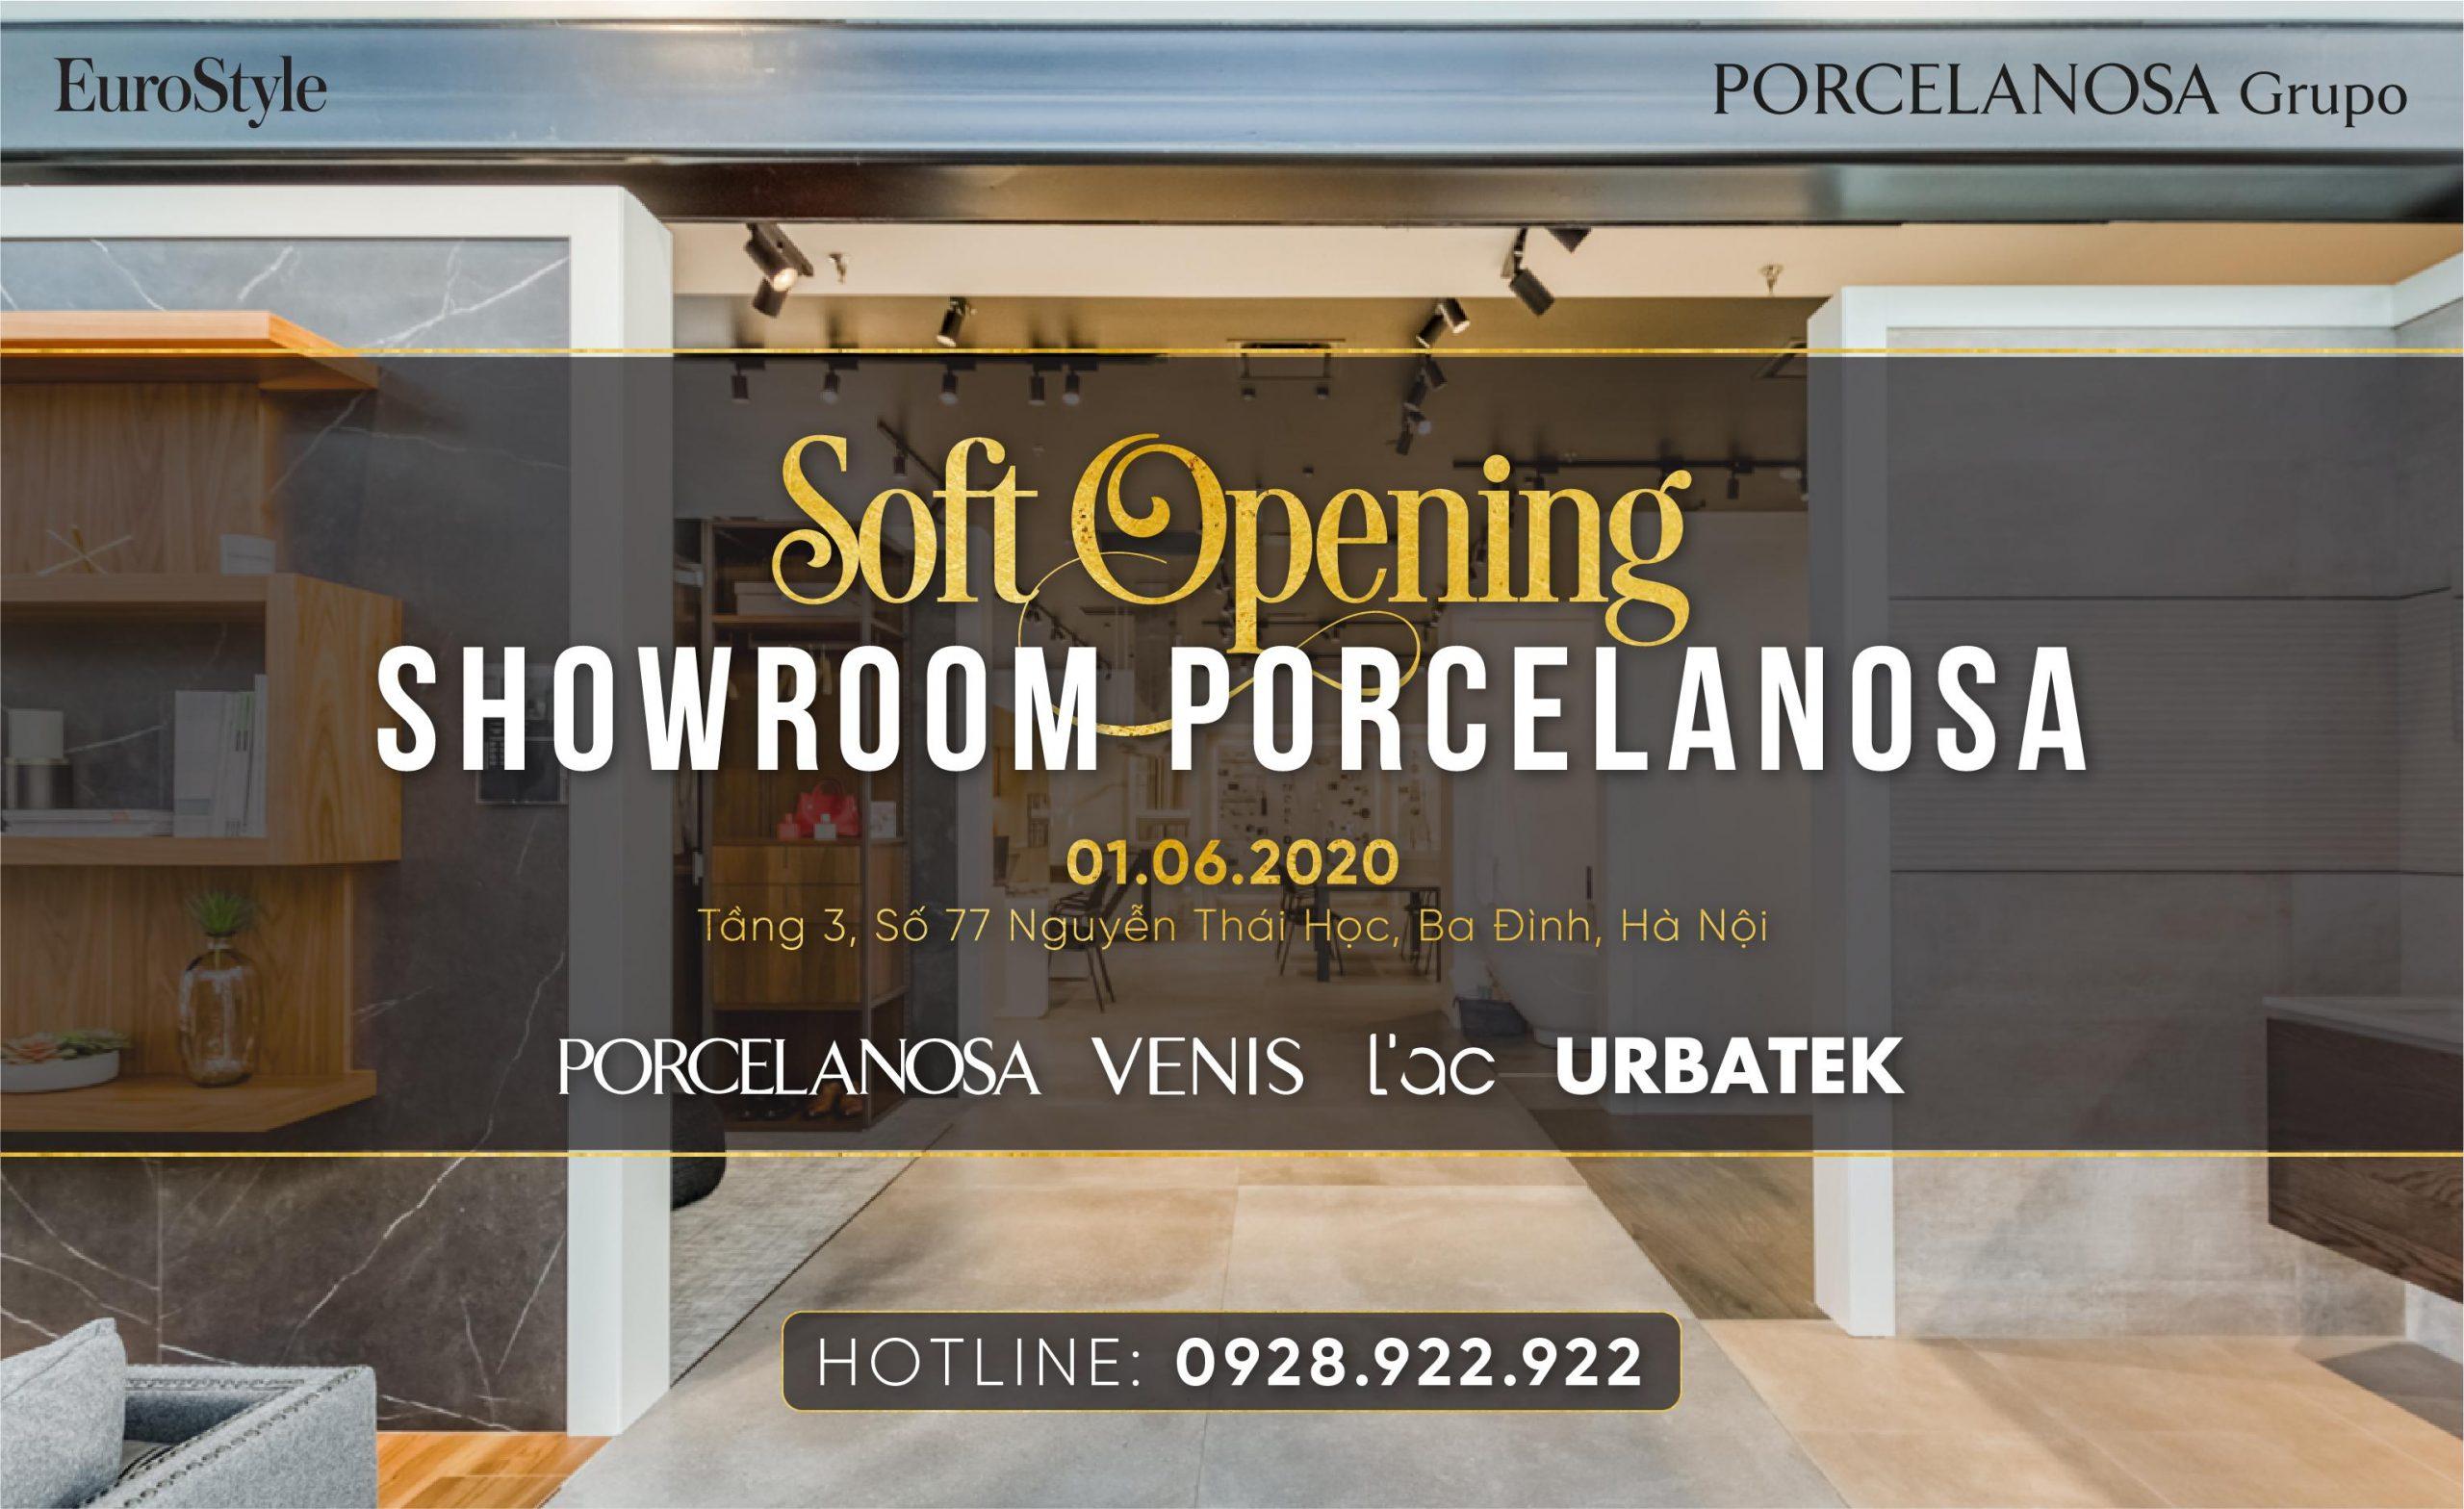 EuroStyle khai trương showroom gạch cao cấp PORCELANOSA (Tây Ban Nha) tại Hà Nội